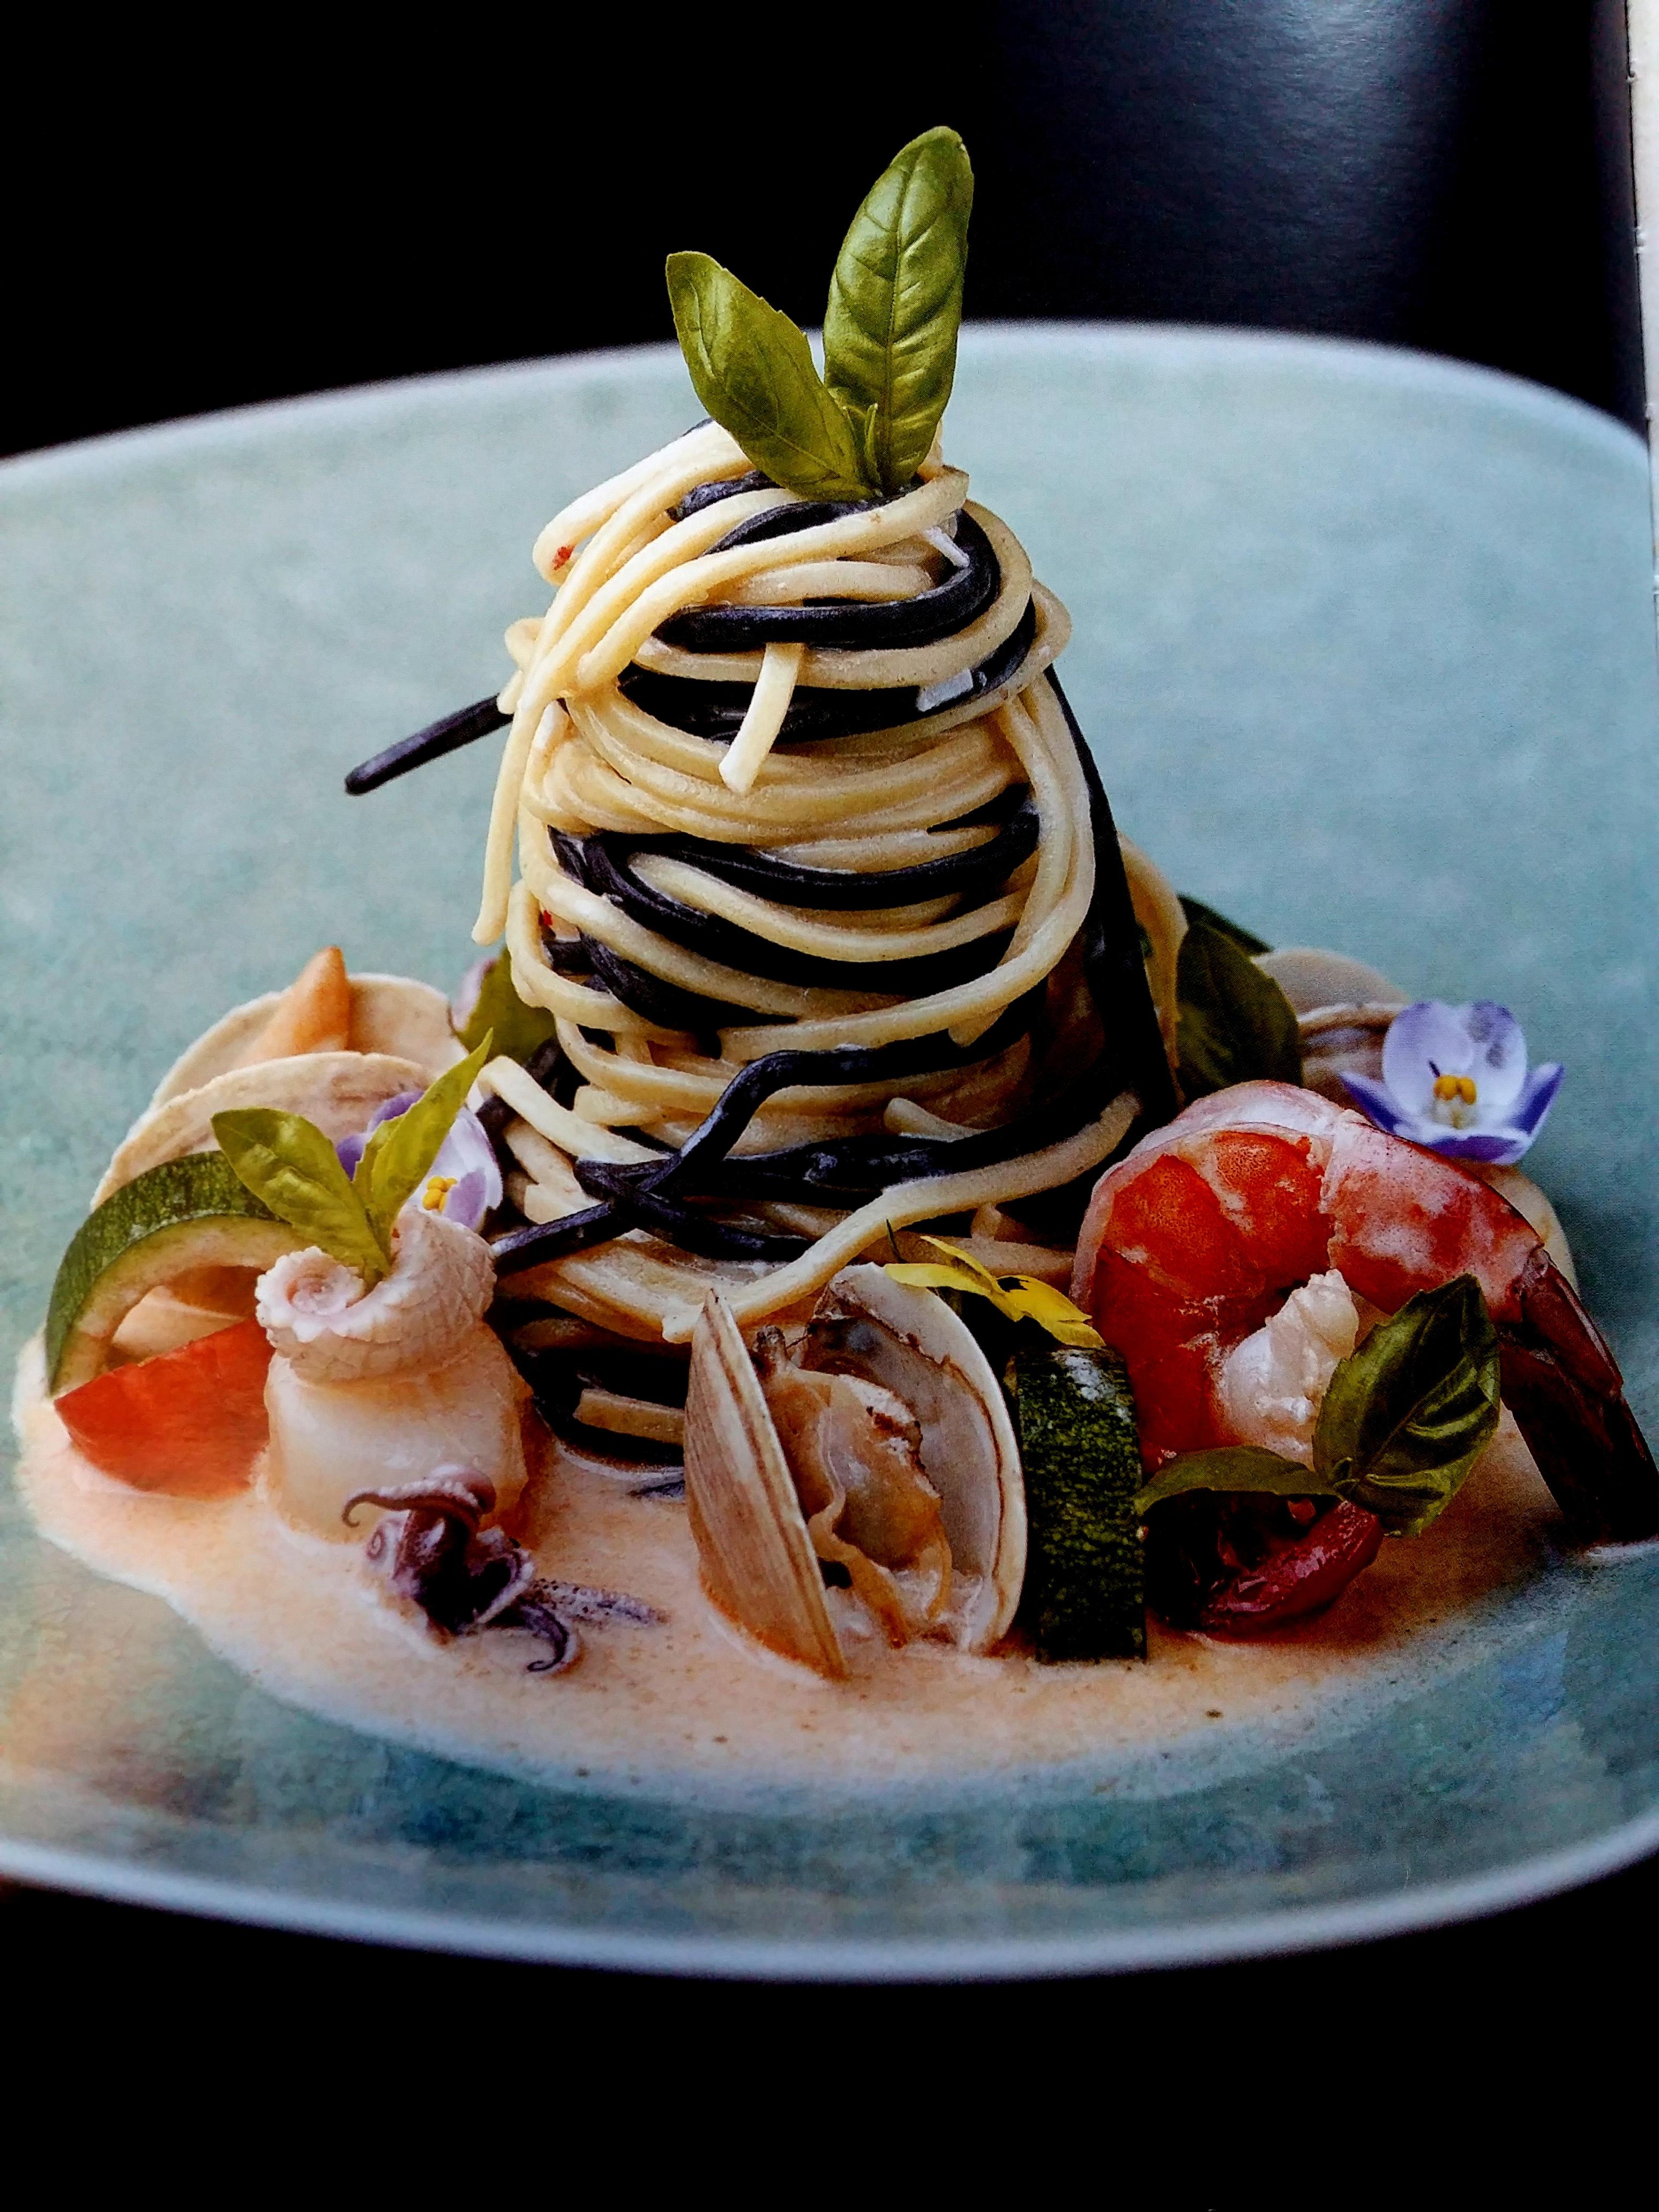 Домашняя паста с морепродуктами от Эктора Хименеса-Браво